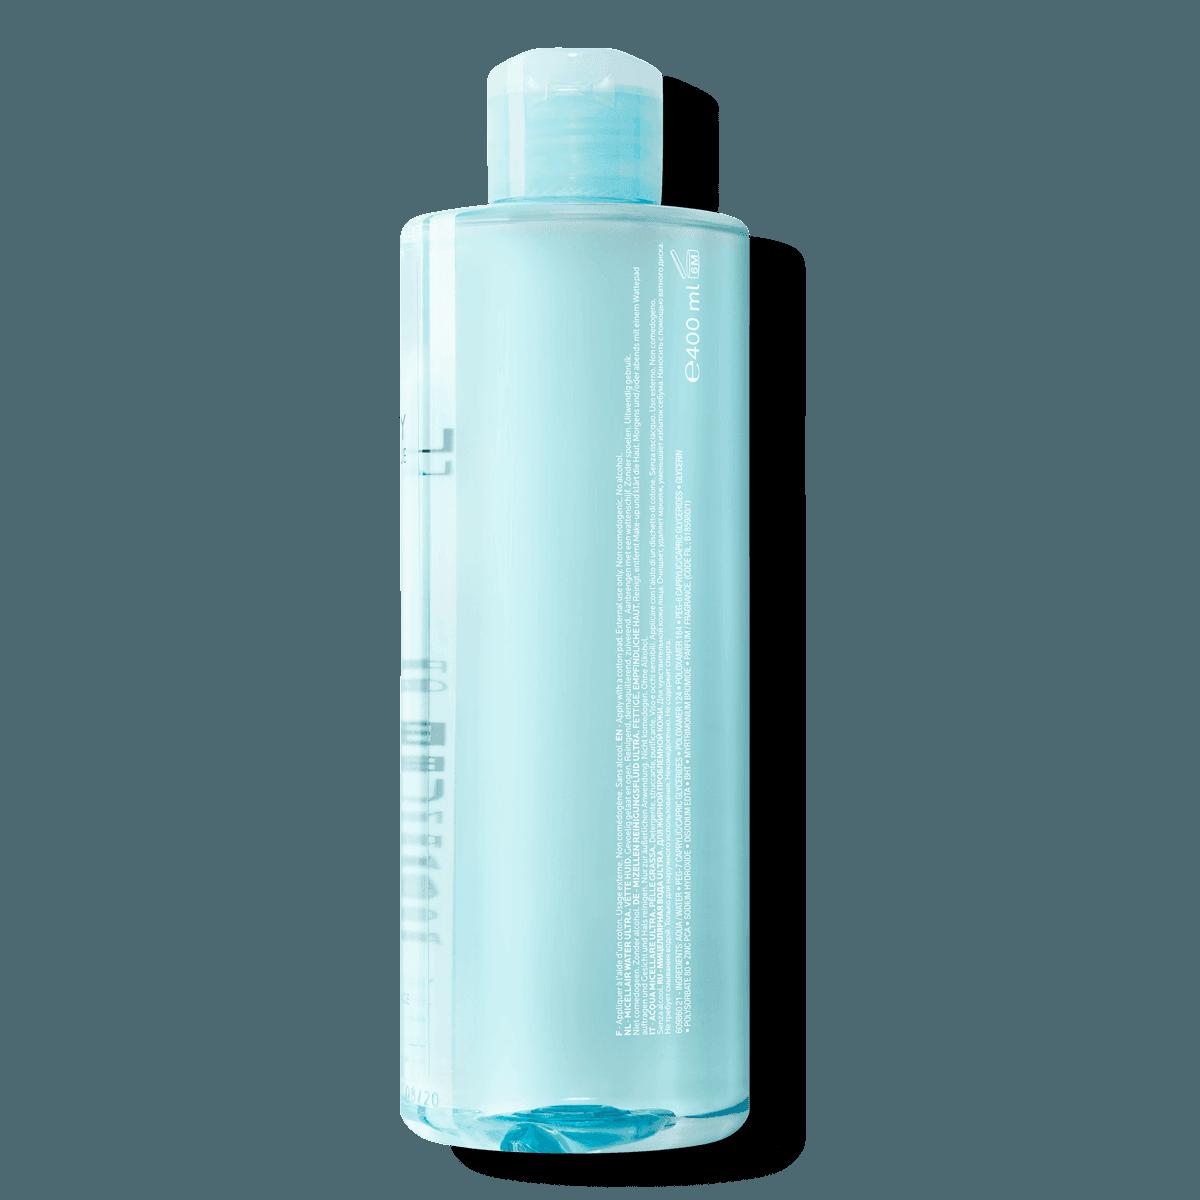 La Roche Posay Ansiktsrengöring Effaclar Micellar Water Ultra 400ml 33378